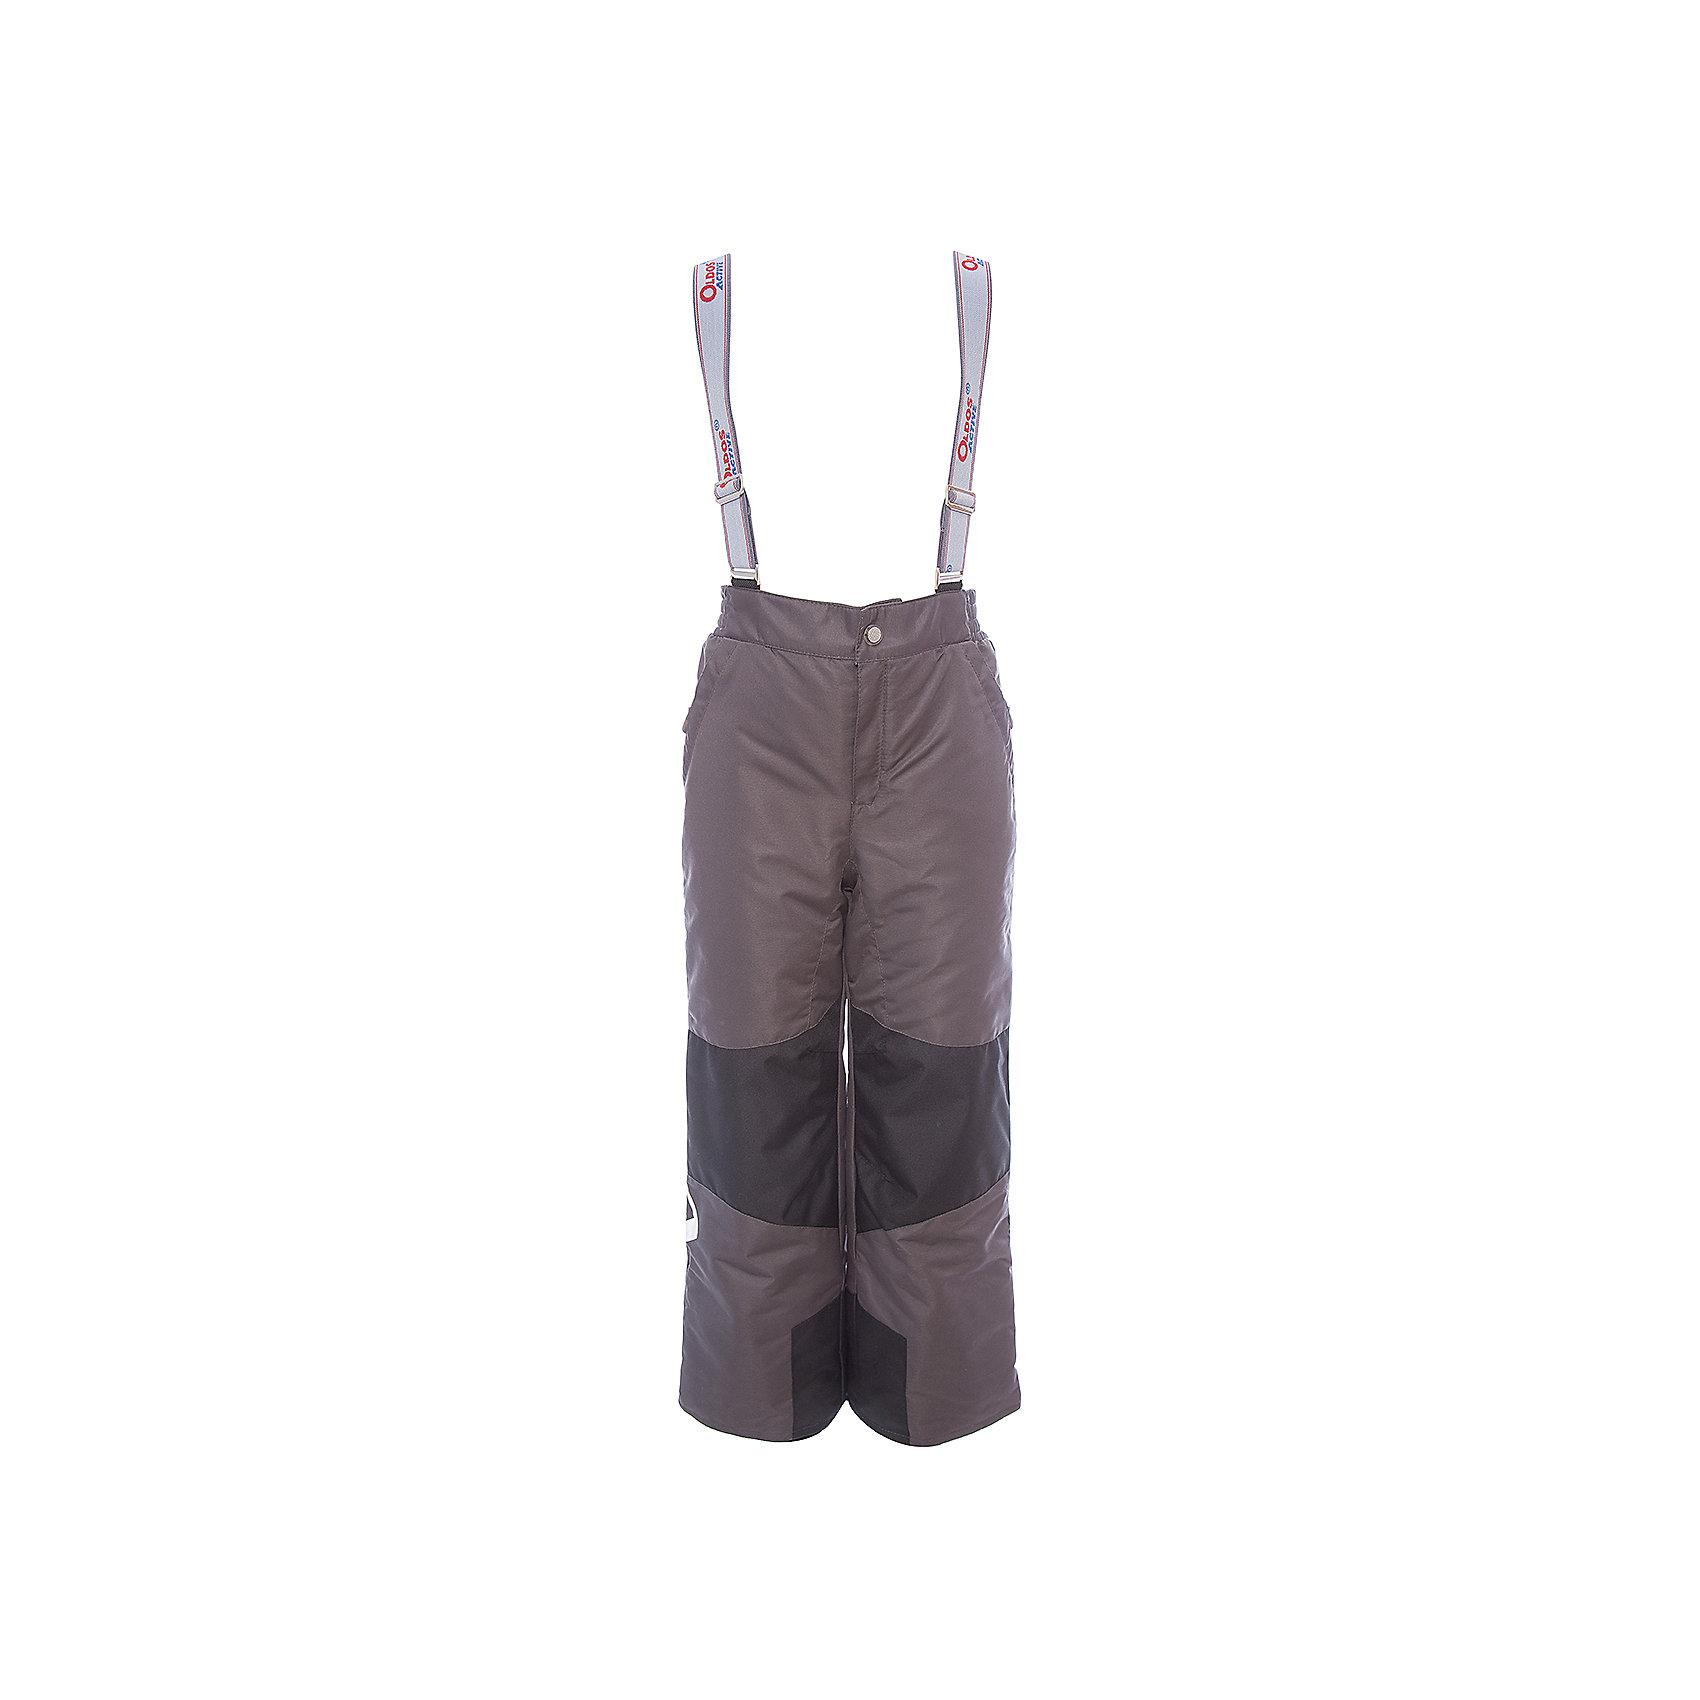 Брюки Вэйл OLDOS для мальчикаВерхняя одежда<br>Характеристики товара:<br><br>• цвет: синий<br>• состав ткани: полиэстер, Teflon<br>• подкладка: полиэстер<br>• утеплитель: Hollofan pro<br>• сезон: зима<br>• мембранное покрытие<br>• температурный режим: от -30 до +5<br>• водонепроницаемость: 5000 мм <br>• паропроницаемость: 5000 г/м2<br>• плотность утеплителя: 150 г/м2<br>• застежка: молния, кнопка, липучка<br>• спинка с лямками: съемные<br>• износостойкая ткань по низу брючин<br>• страна бренда: Россия<br>• страна изготовитель: Россия<br><br>Детские зимние брюки легко надеваются благодаря удобной застежке. Такие брюки для ребенка отлично защищают ребенка от попадания снега внутрь. Такие детские зимние брюки созданы с применением мембранной технологии, поэтому теплые брюки рассчитаны даже на очень холодную погоду и сильный ветер. <br><br>Брюки Вэйл Oldos (Олдос) для мальчика можно купить в нашем интернет-магазине.<br><br>Ширина мм: 215<br>Глубина мм: 88<br>Высота мм: 191<br>Вес г: 336<br>Цвет: темно-синий<br>Возраст от месяцев: 132<br>Возраст до месяцев: 144<br>Пол: Мужской<br>Возраст: Детский<br>Размер: 152,92,98,104,110,116,122,128,134,140,146<br>SKU: 7015906